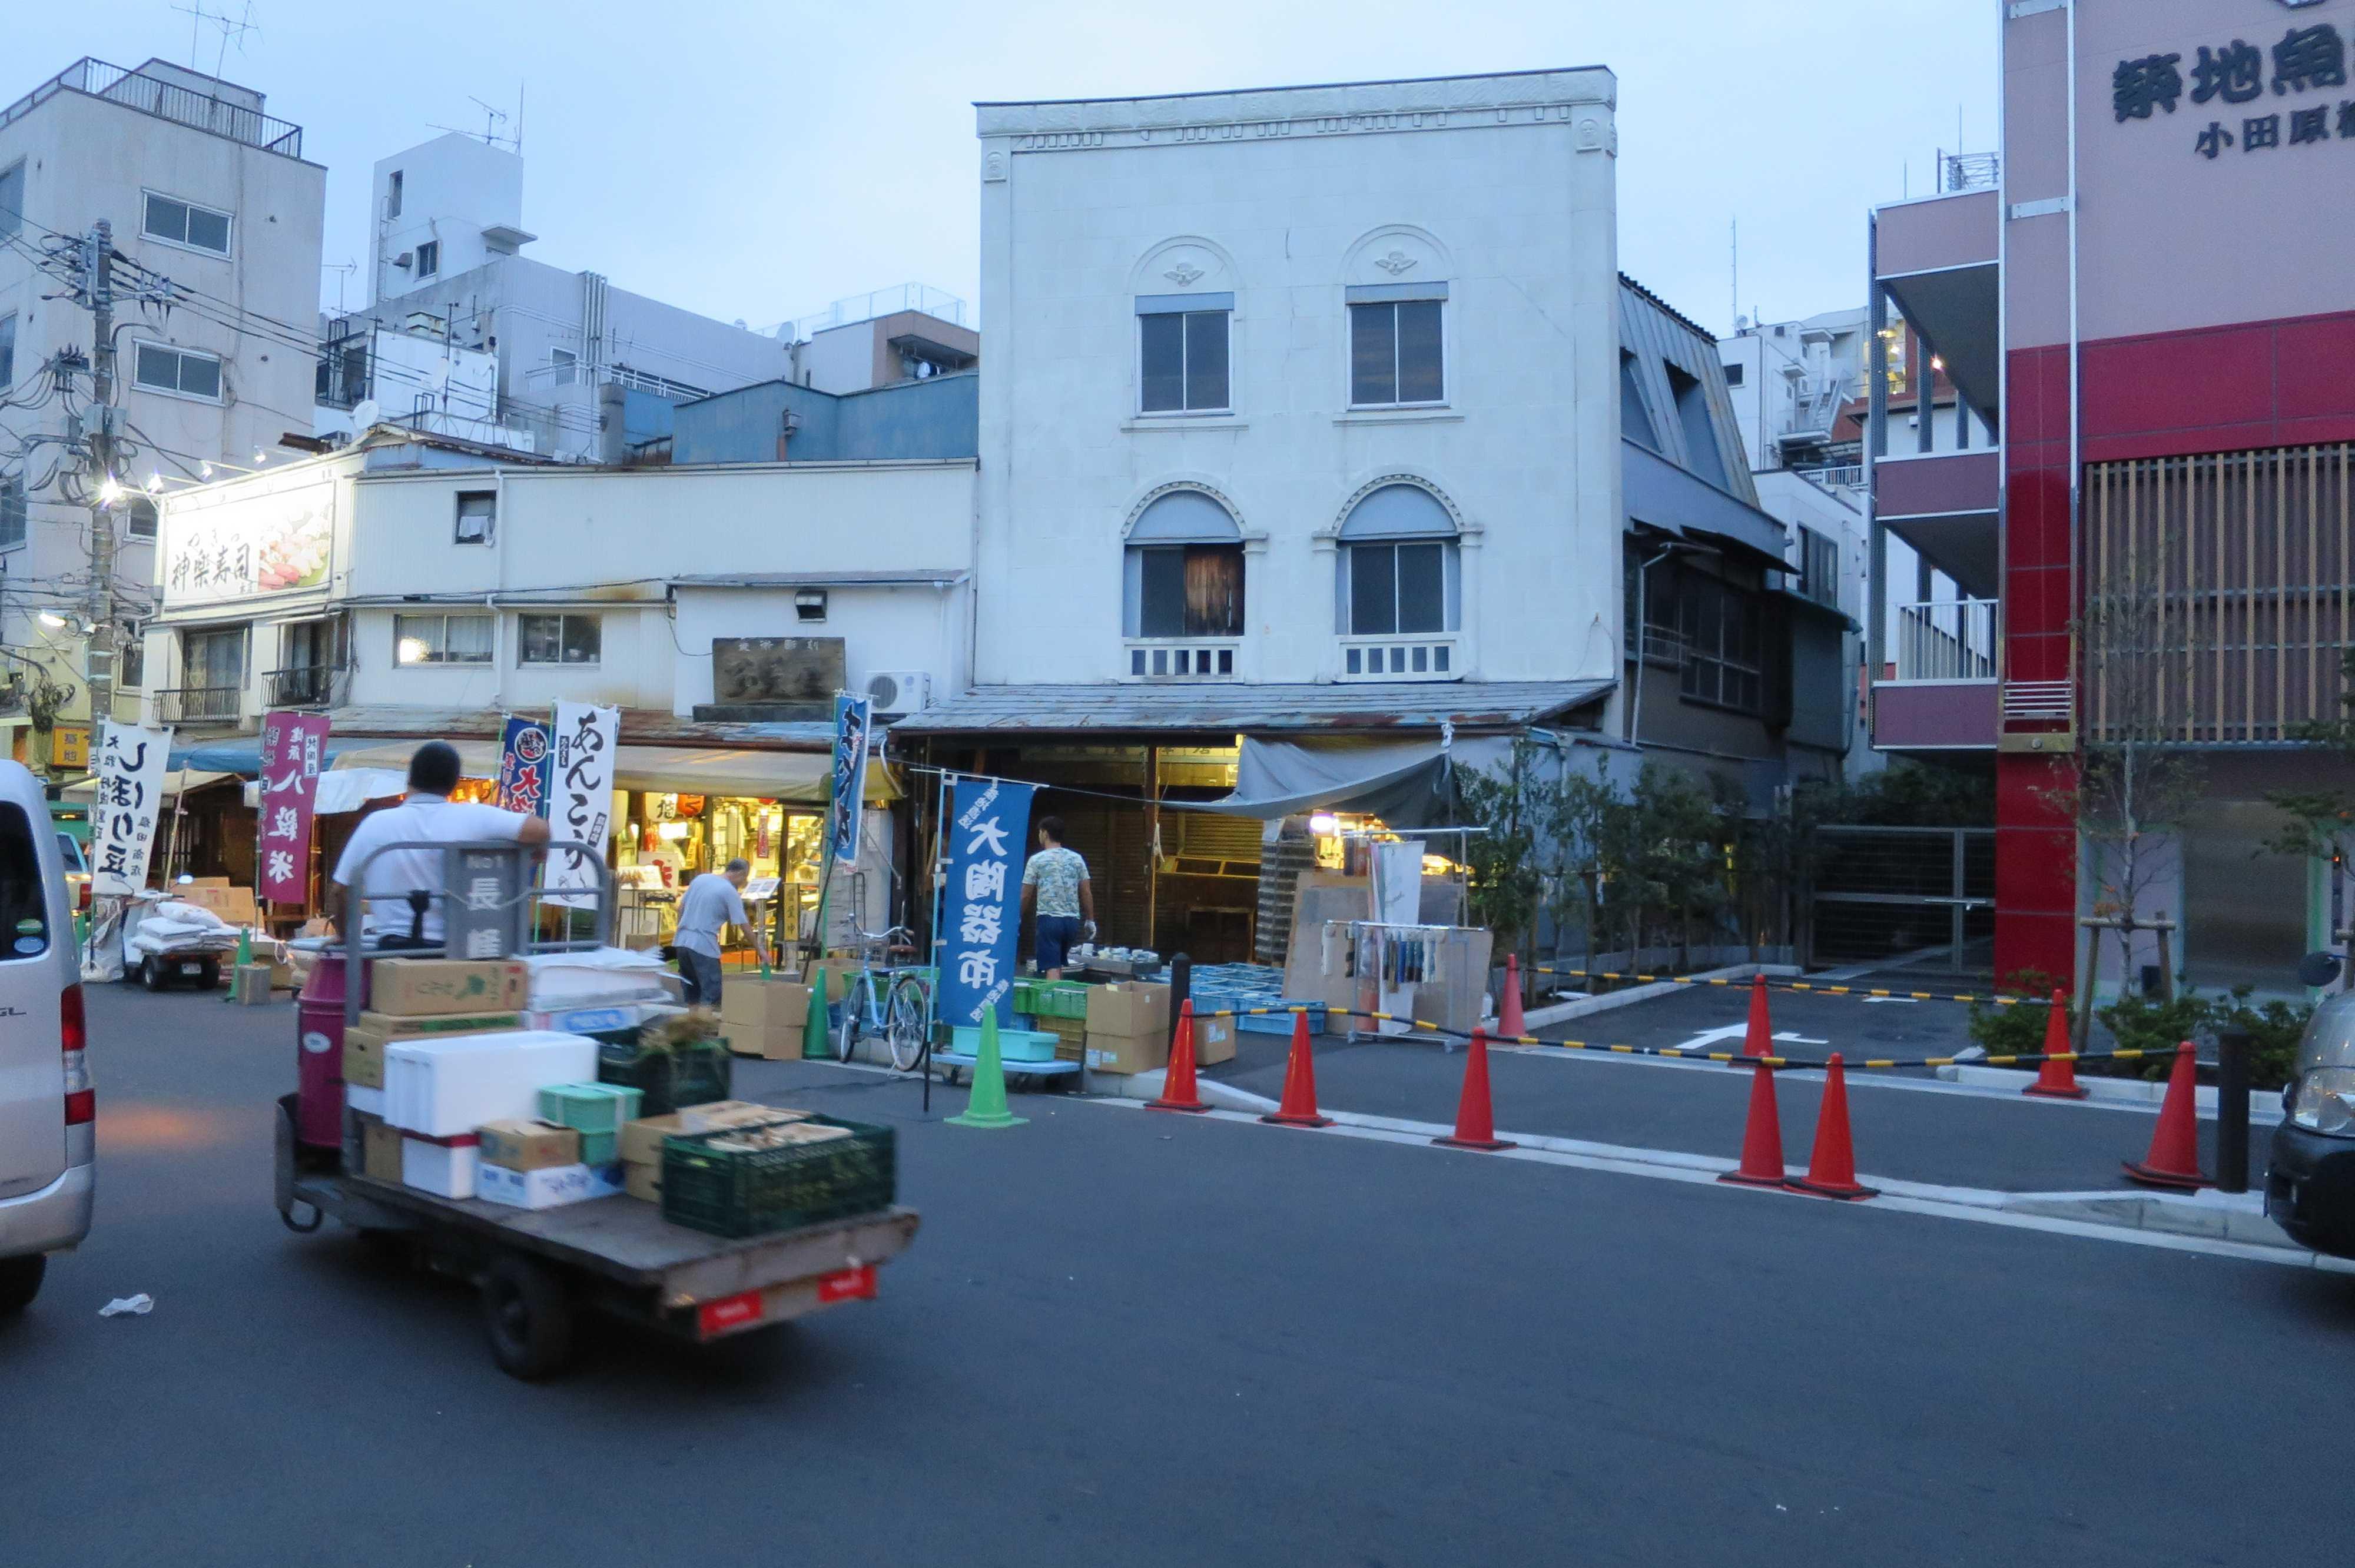 築地場外市場 - 看板建築(岩本ビル/一不二うつわ)